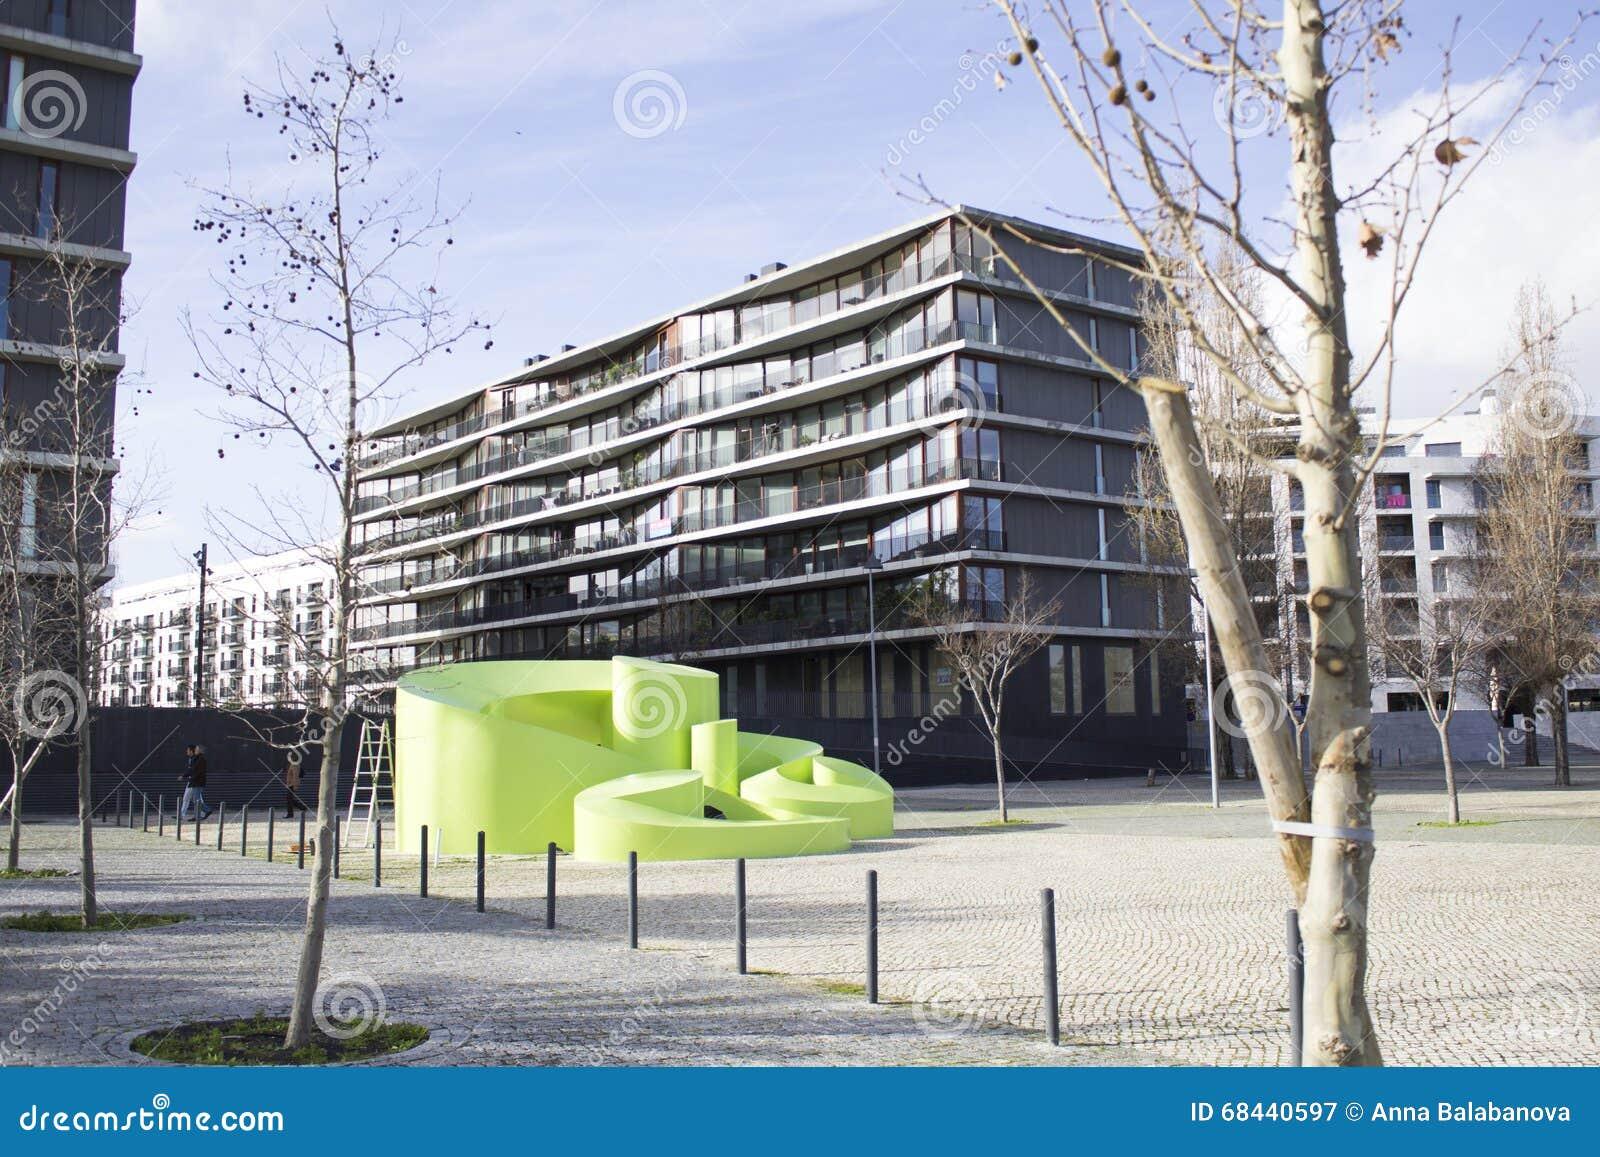 Moderne architektur im park von nationen in lissabon for Architektur lissabon